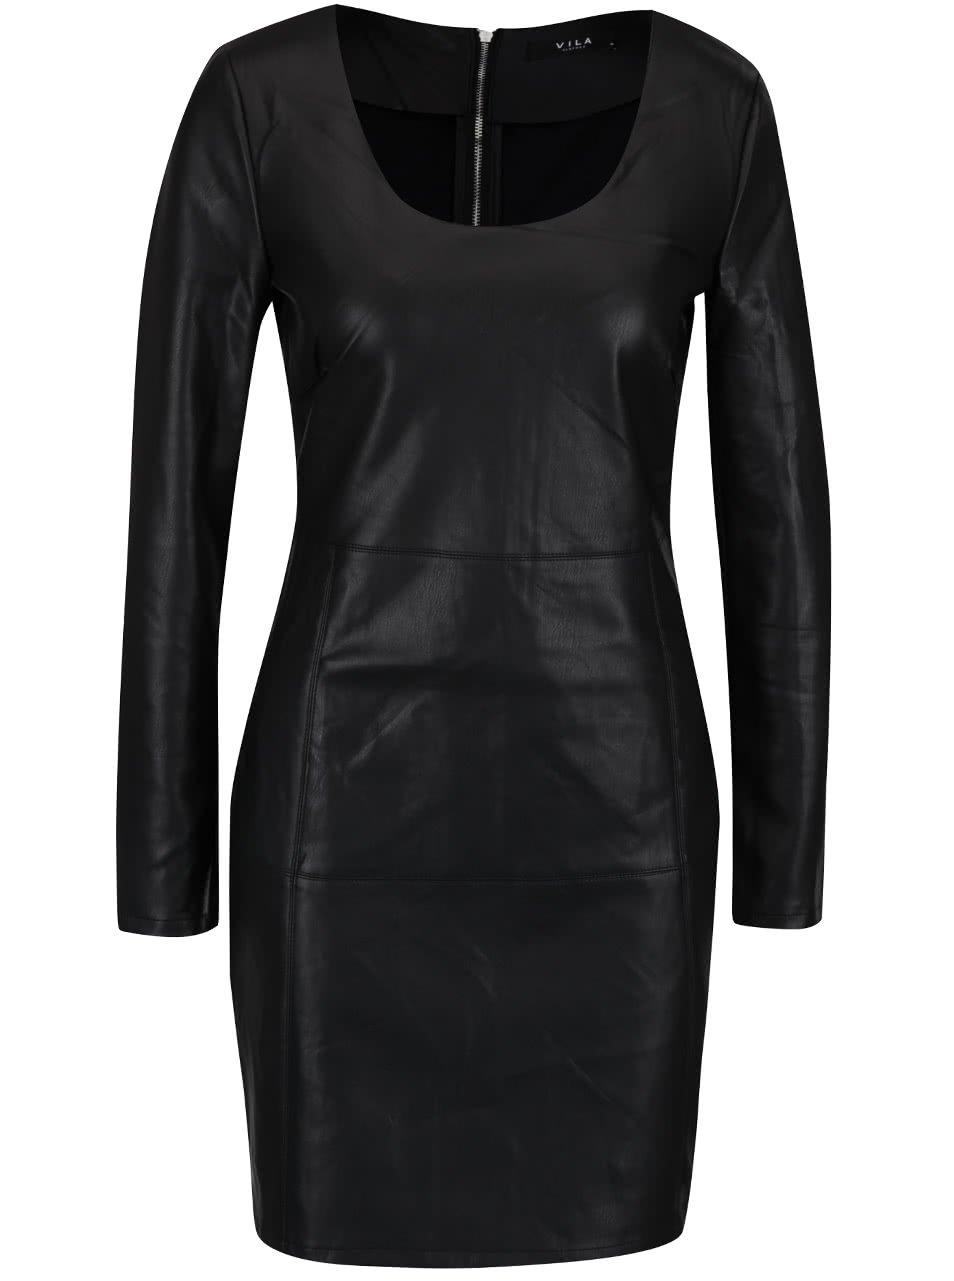 Černé koženkové šaty s dlouhým rukávem VILA